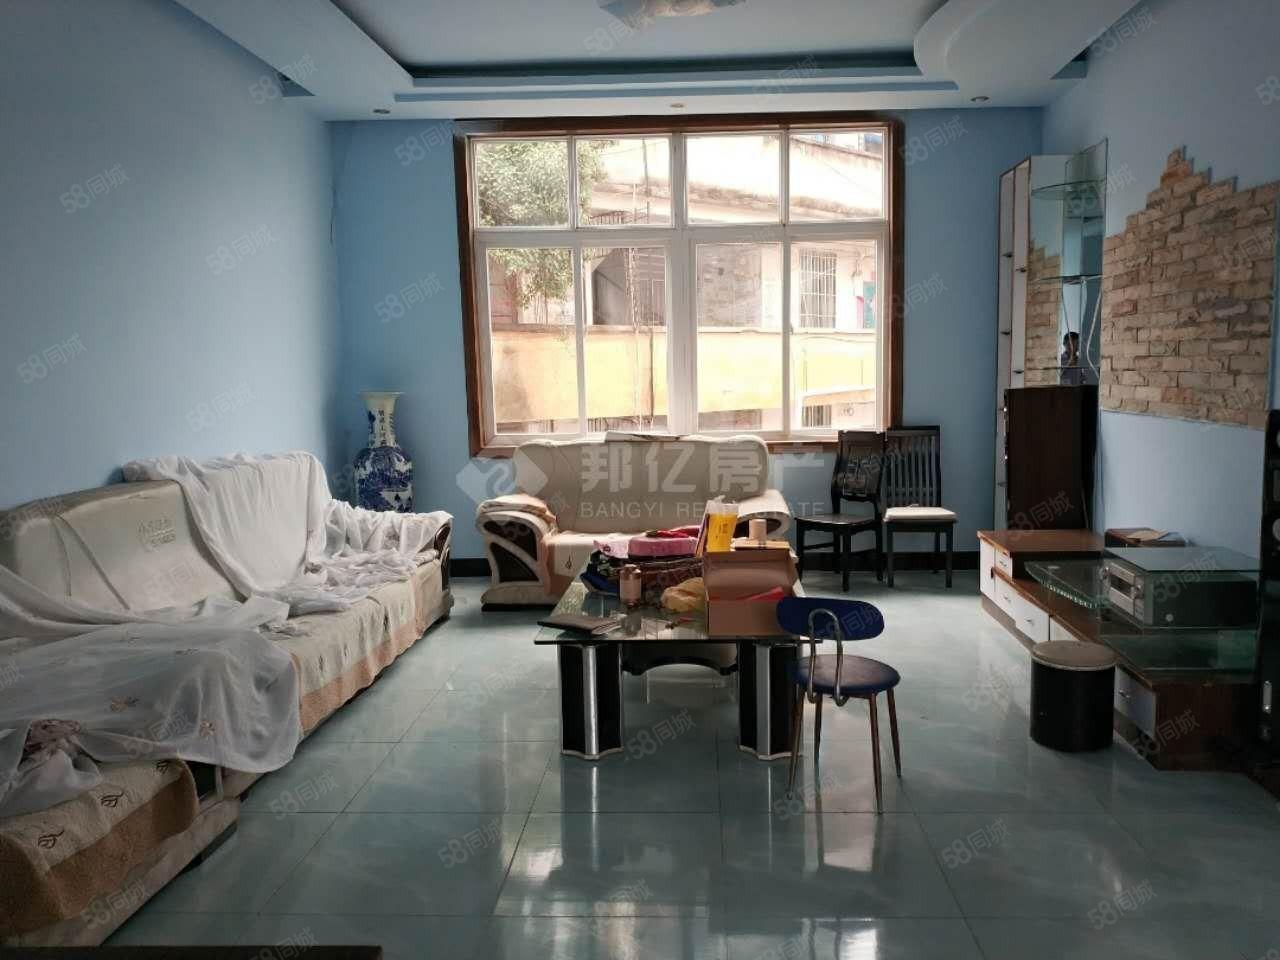 街心花園住房出租1室有3套2室有1套3室2套需要的聯系我